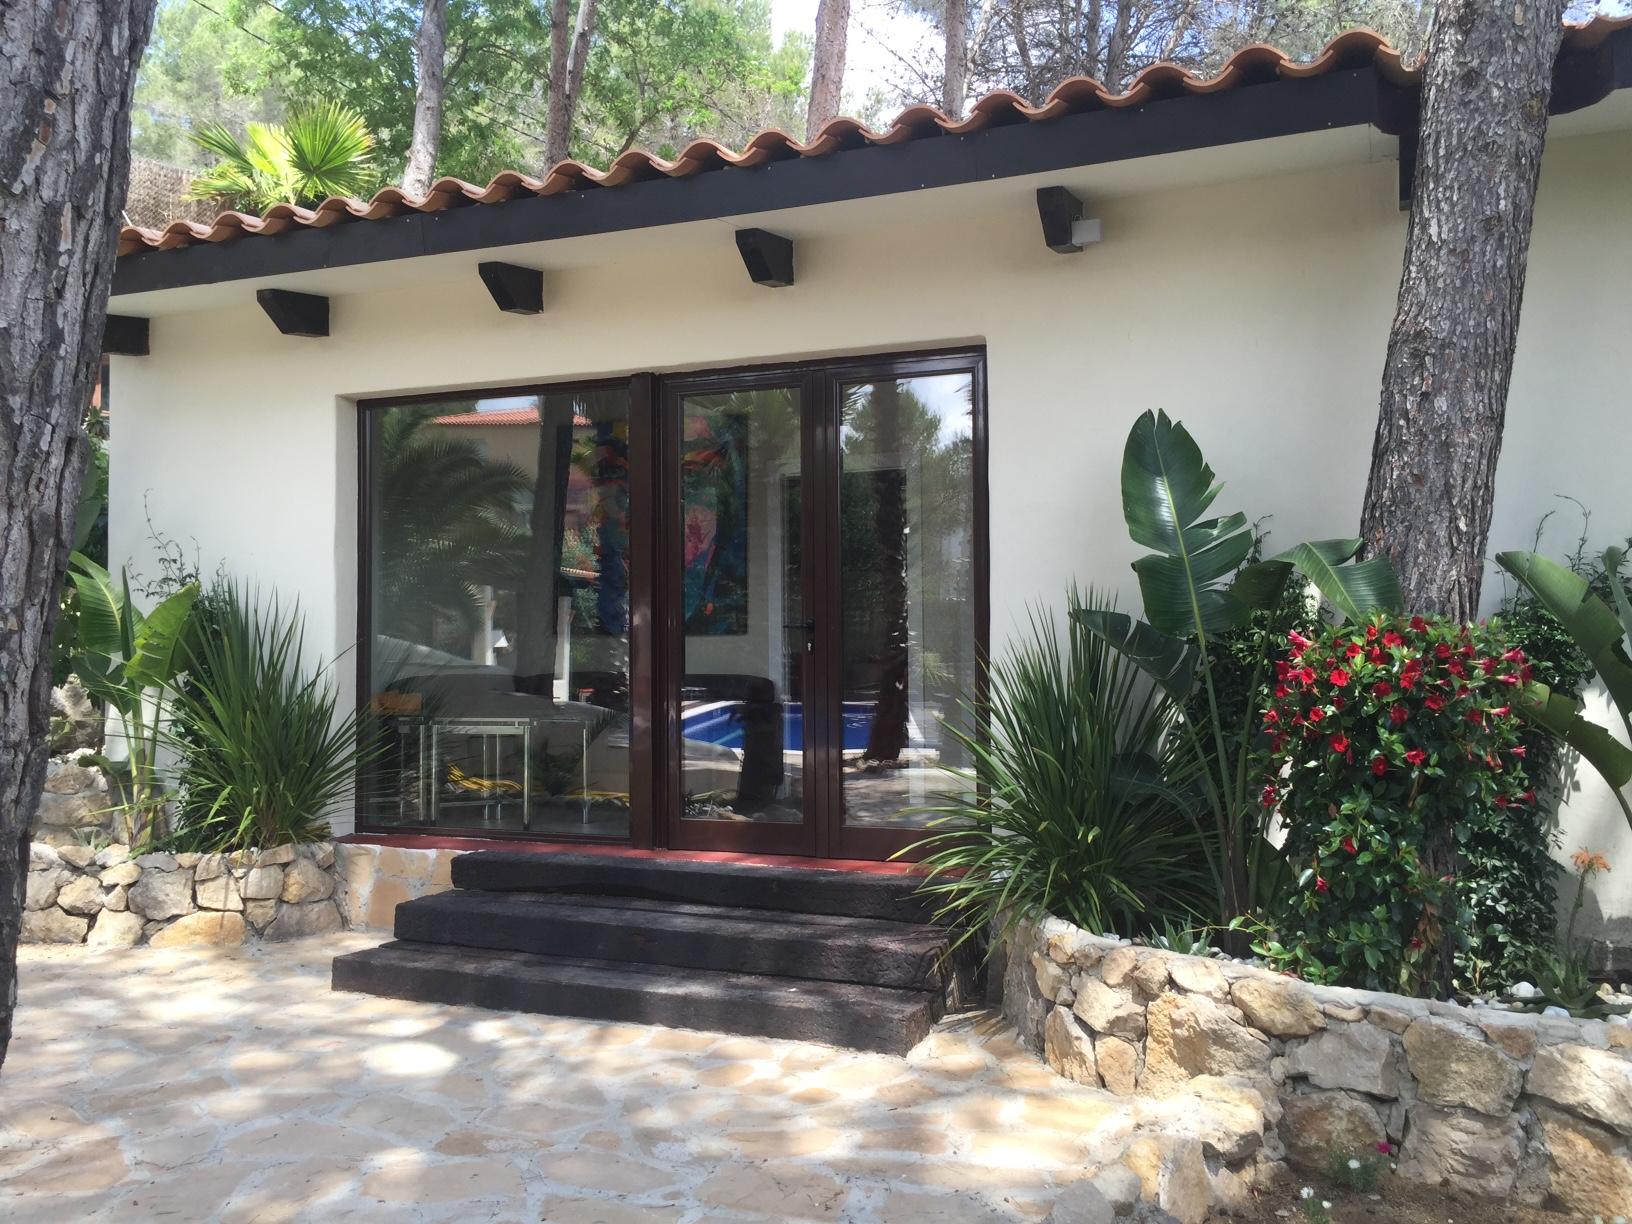 Ferienhaus Villa Palmera, Paradies in der Nhe von Barcelona, luxurise Villa fr 22 Personen (2379177), Olivella, Costa del Garraf, Katalonien, Spanien, Bild 3